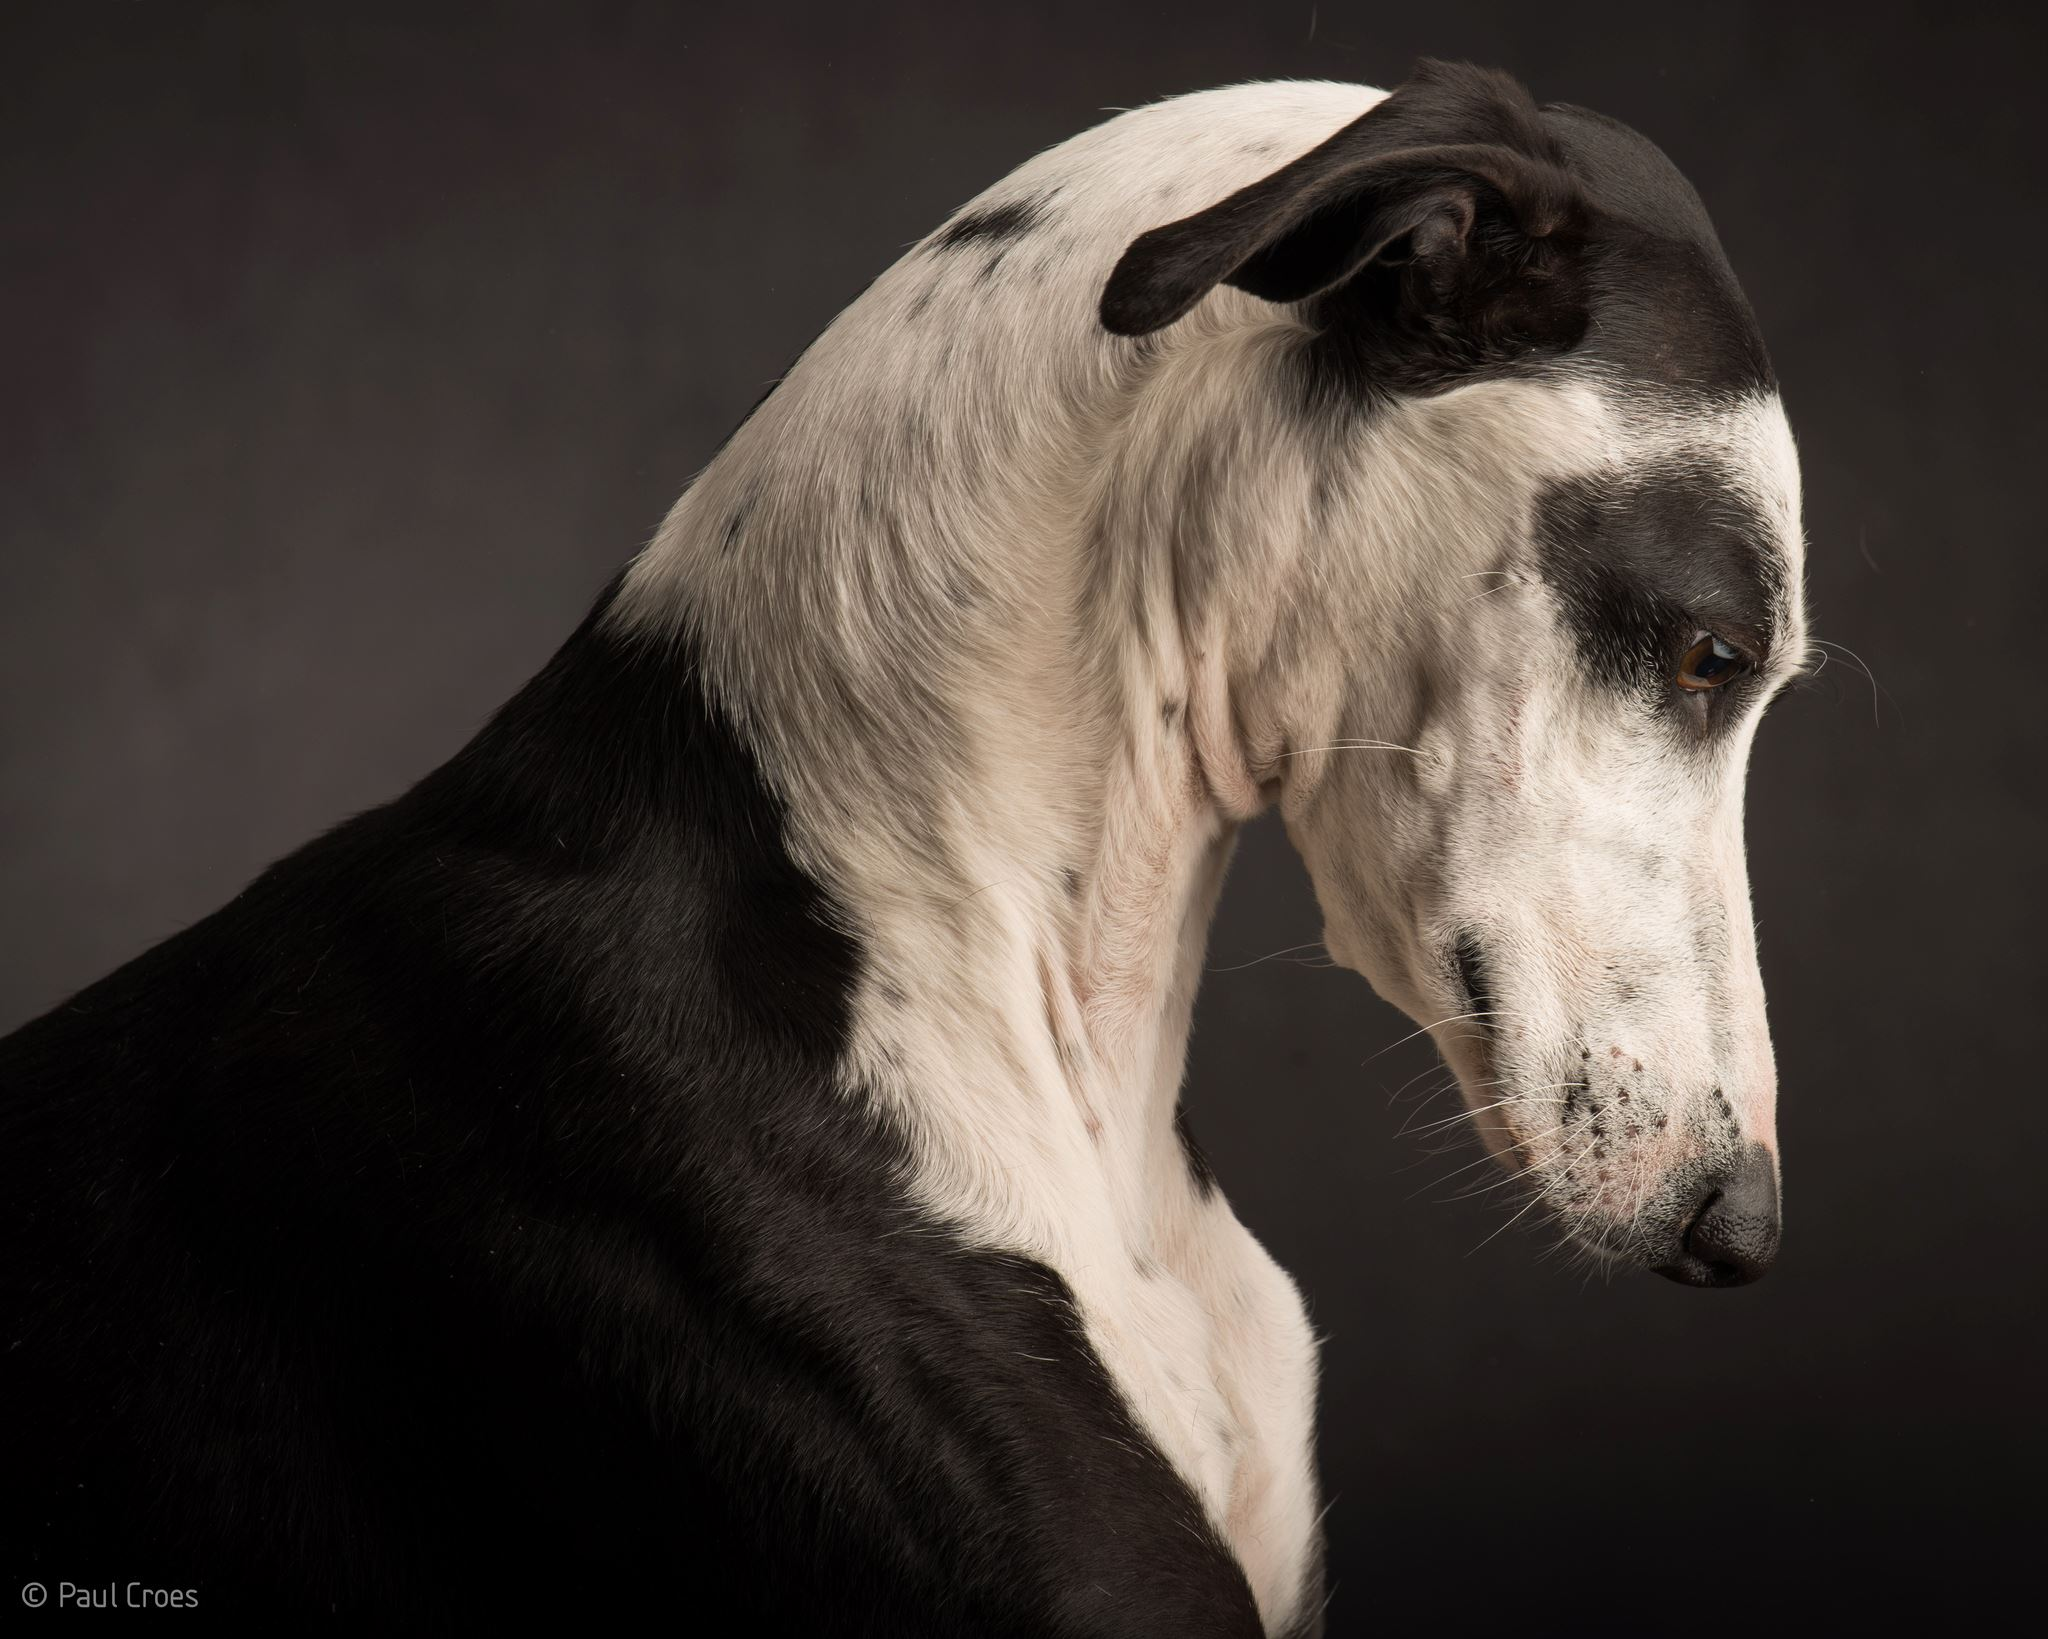 Paul Croes – Photographie animaliere, portraits studio / chien